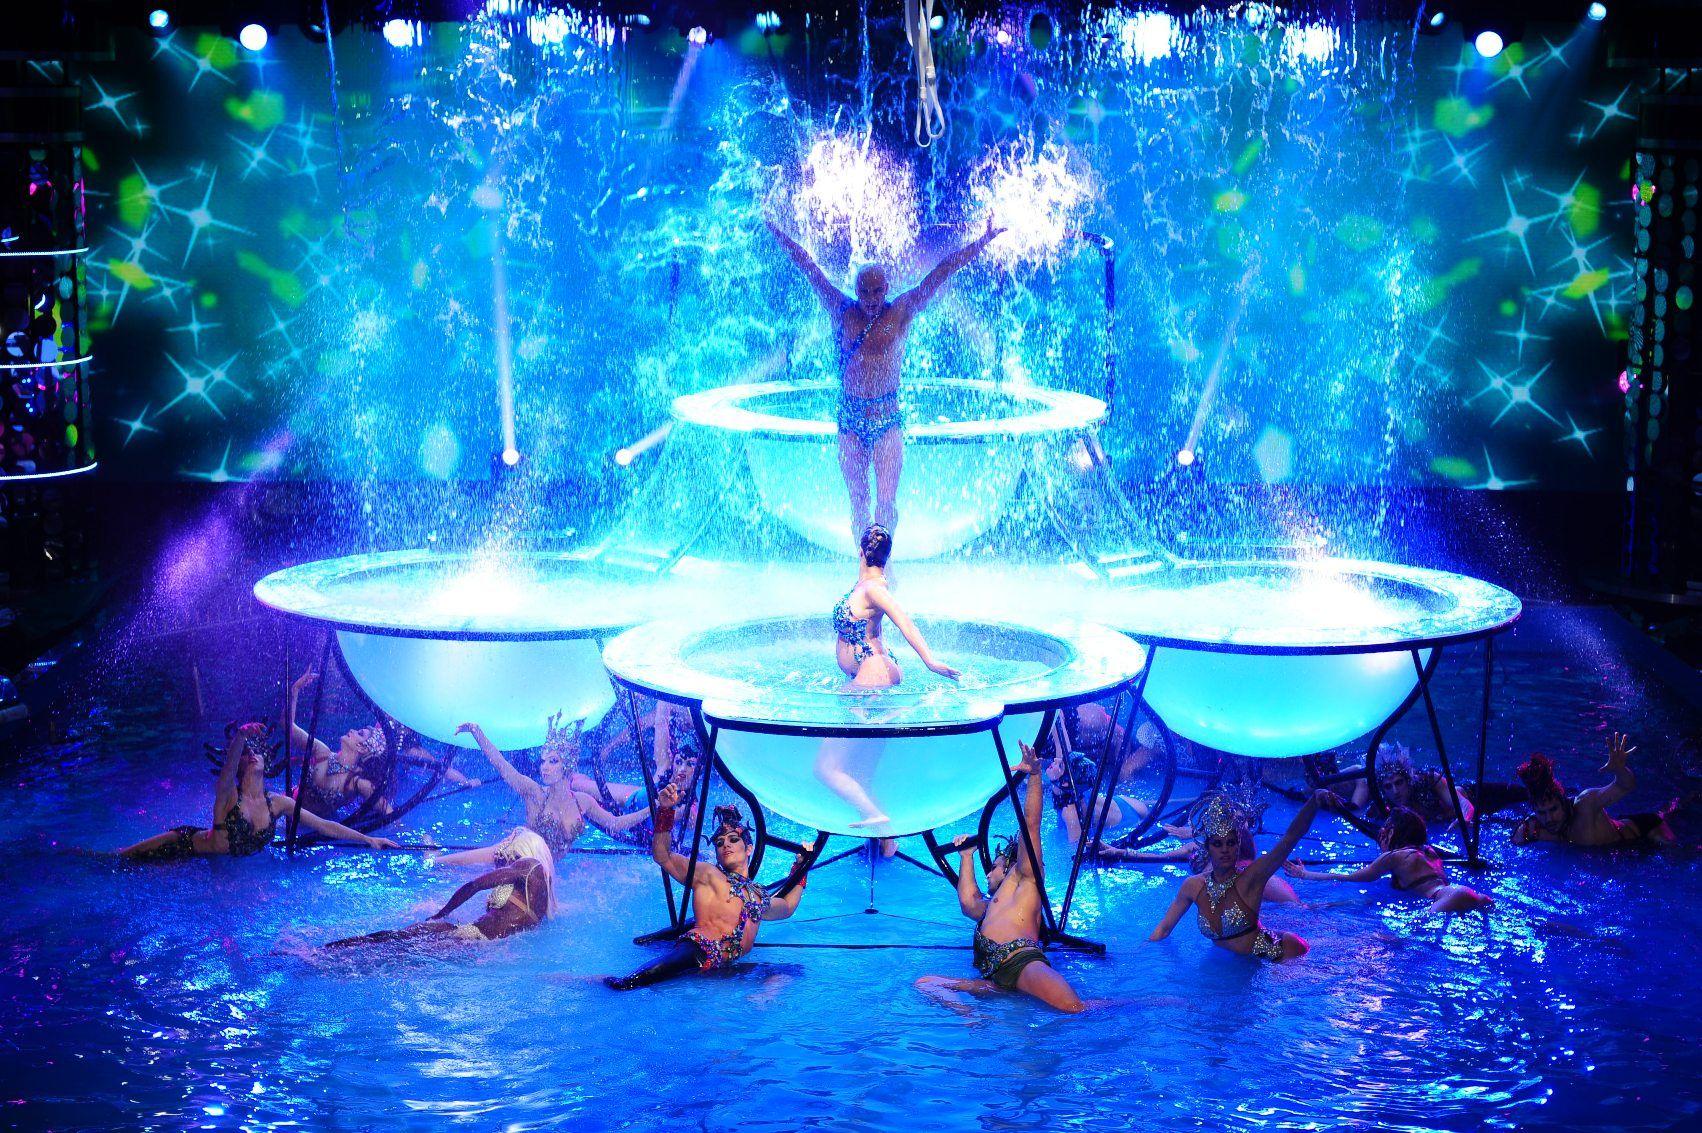 Arrancó el Aquadance con una apertura deslumbrante y el baile de Flor Peña